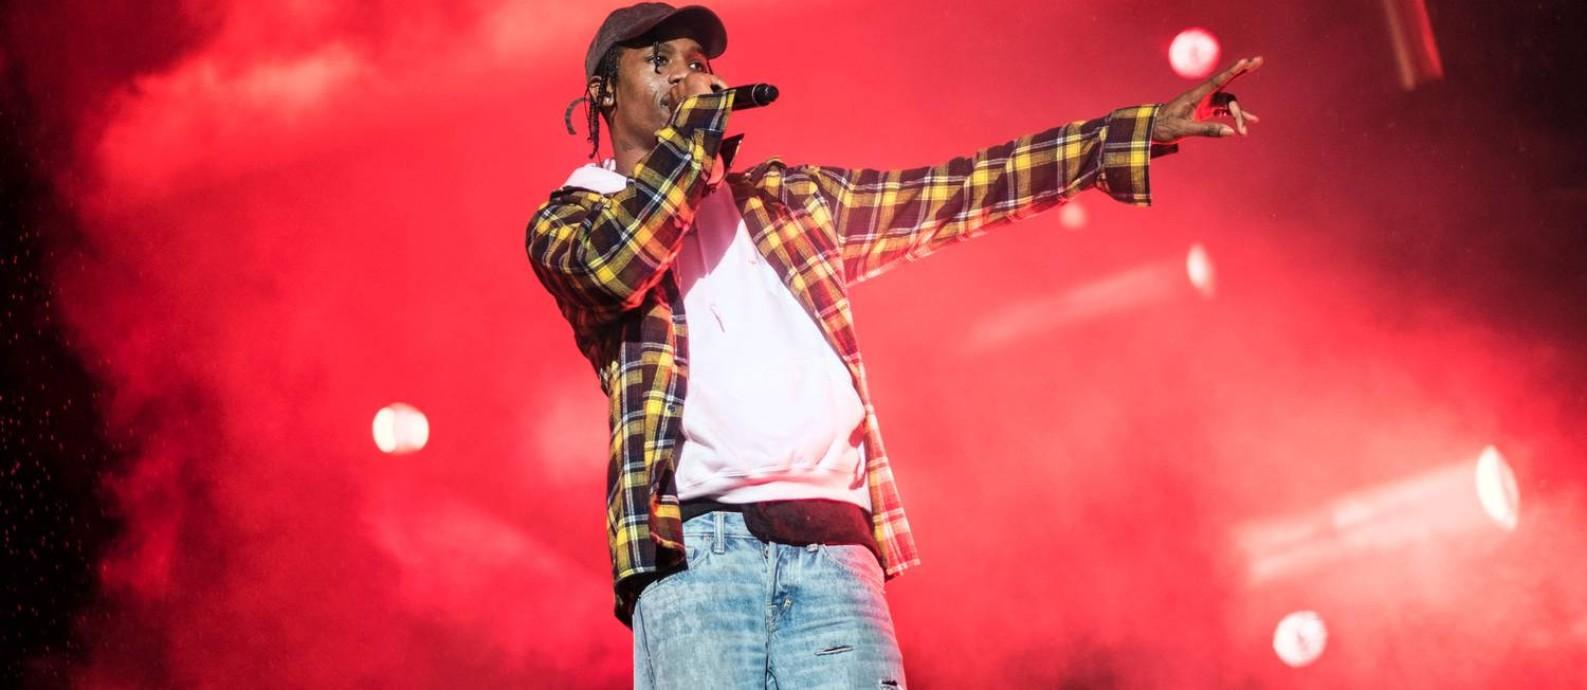 5193208d2aab Rapper Travis Scott bate recorde ao tocar a mesma música 14 vezes em ...